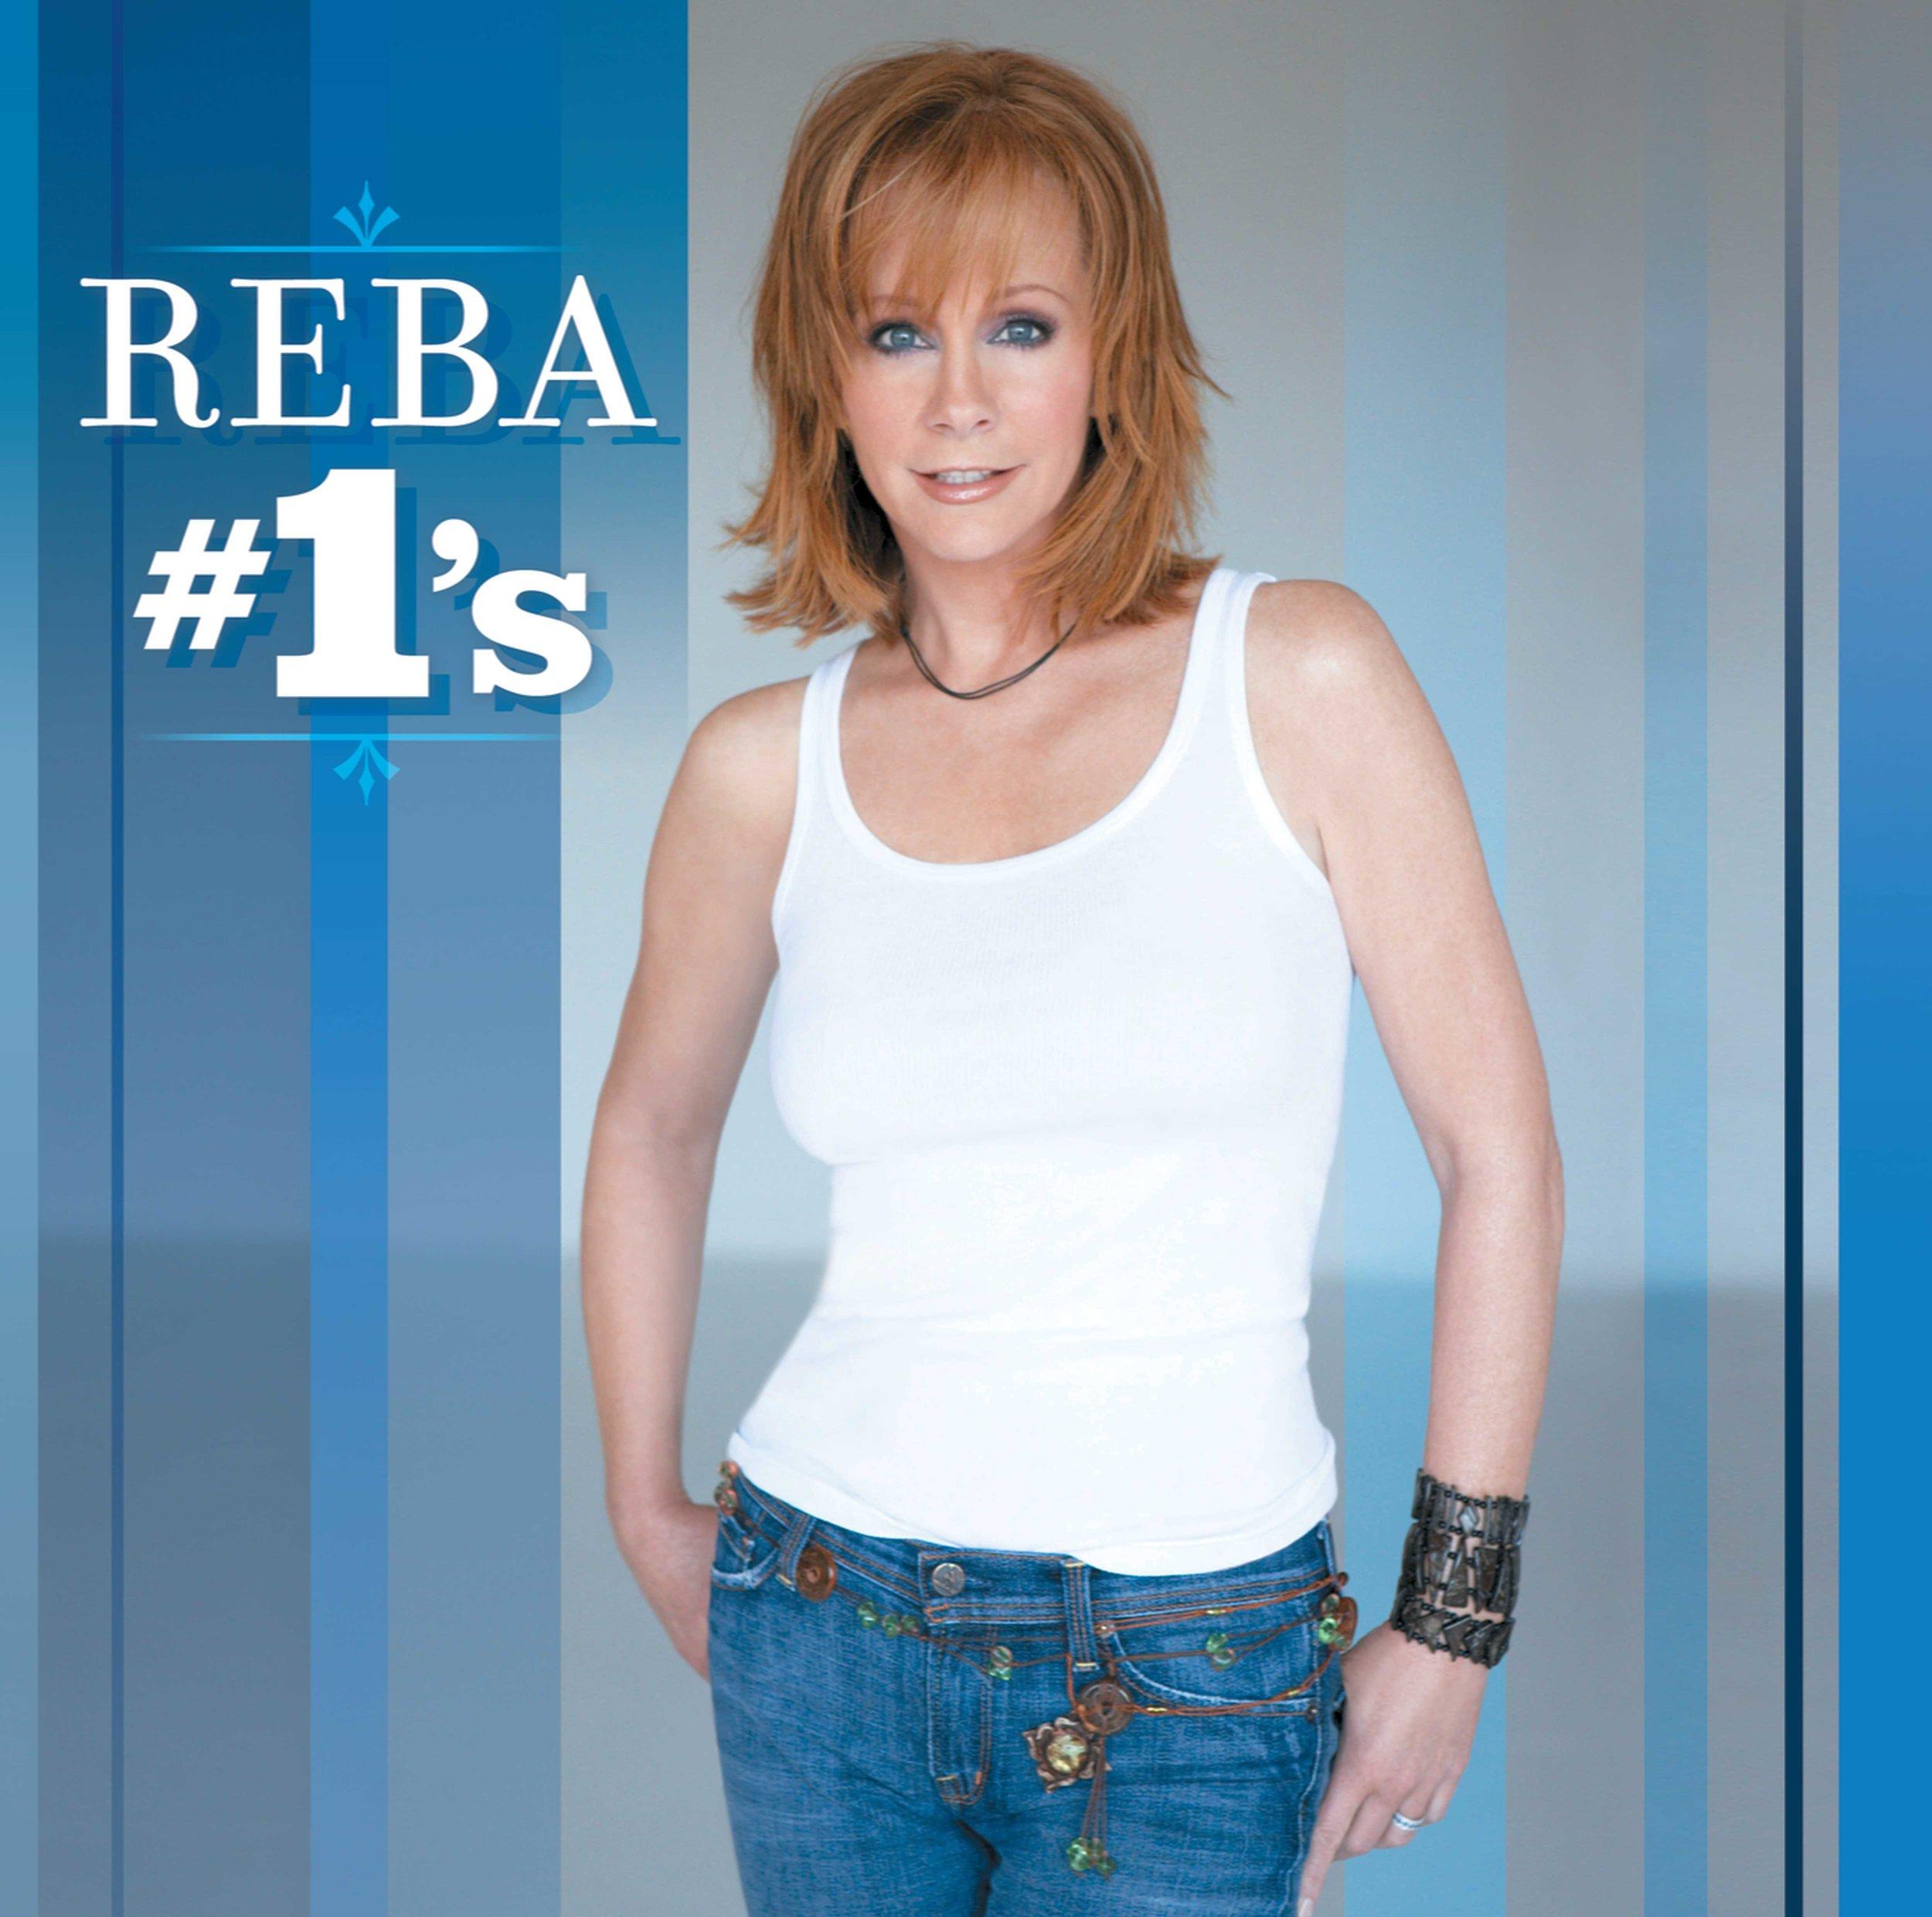 2005 - Reba #1's.jpg